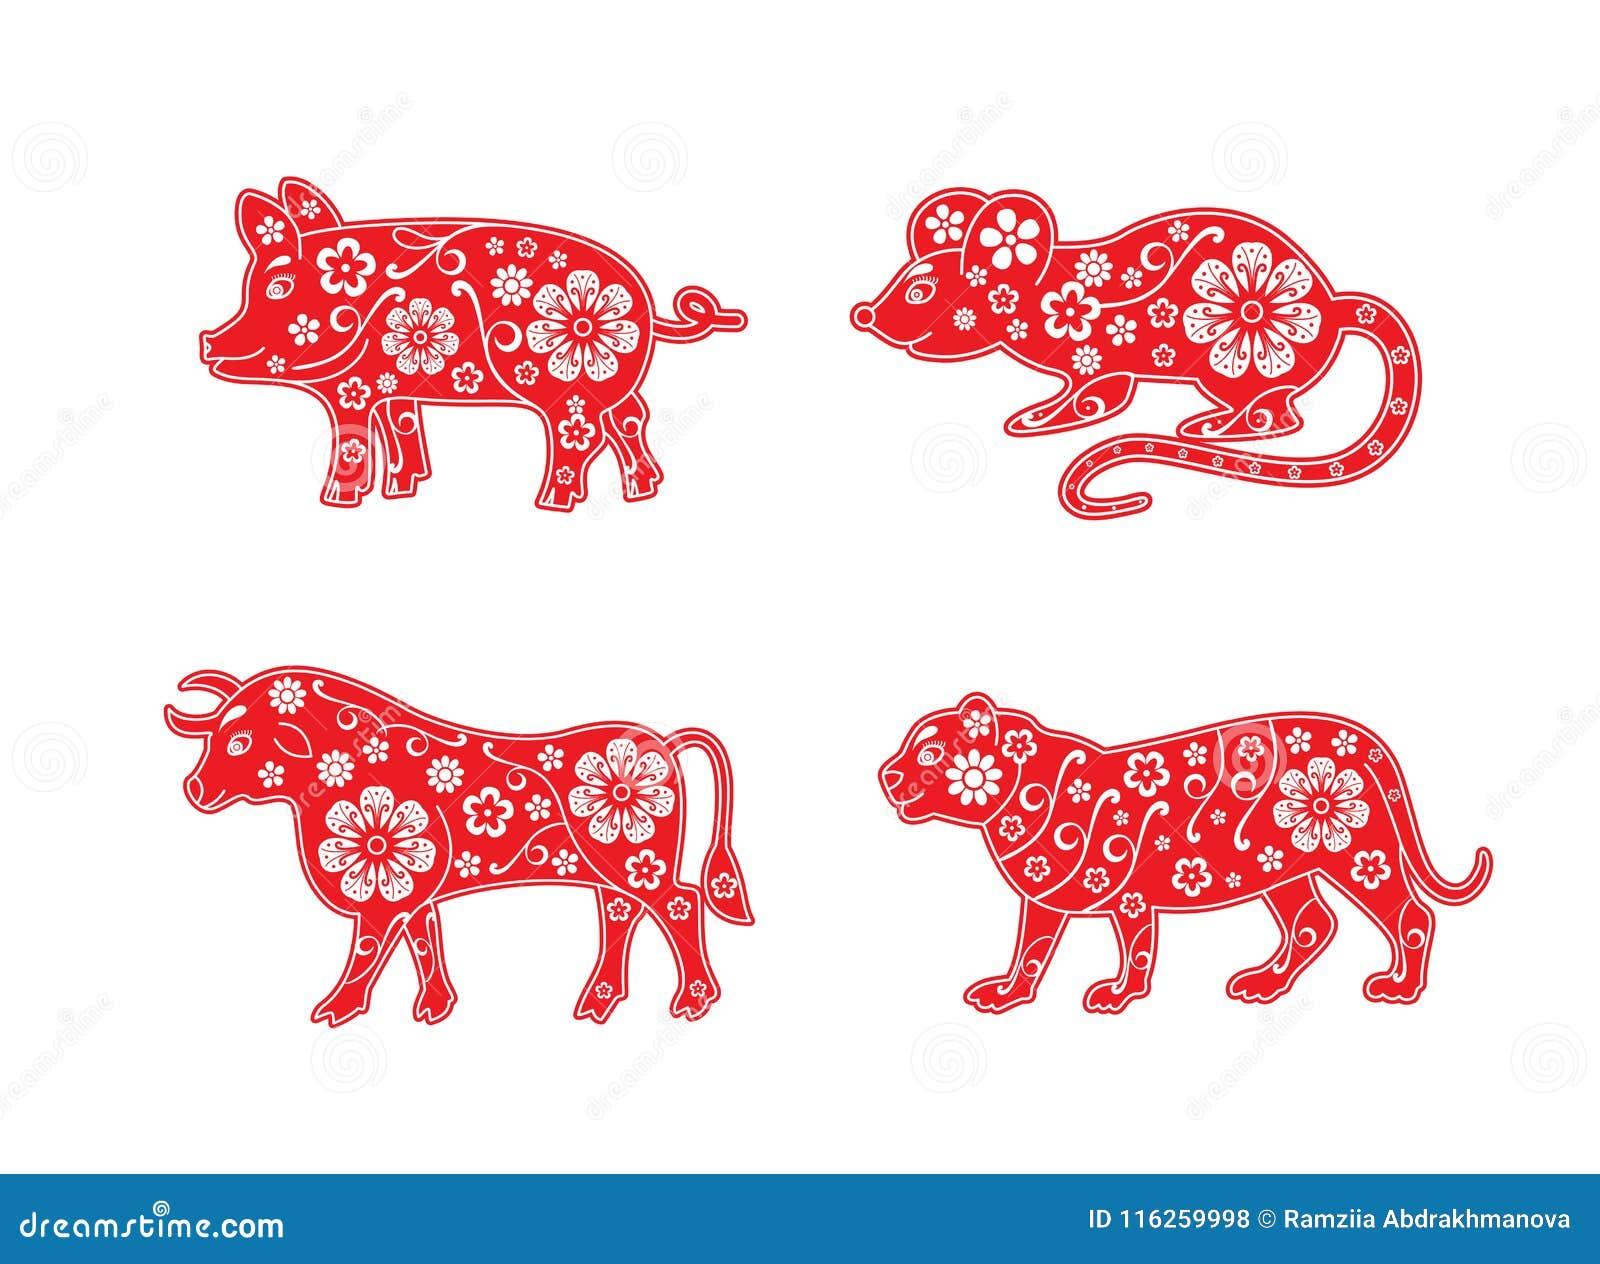 Χοίρος, αρουραίος, ταύρος και τίγρη, ποντίκι, αγελάδα Το κινεζικό ζώο ωροσκοπίων έθεσε 2019, 2020, 2021 και 2022 έτη διακοσμητικό